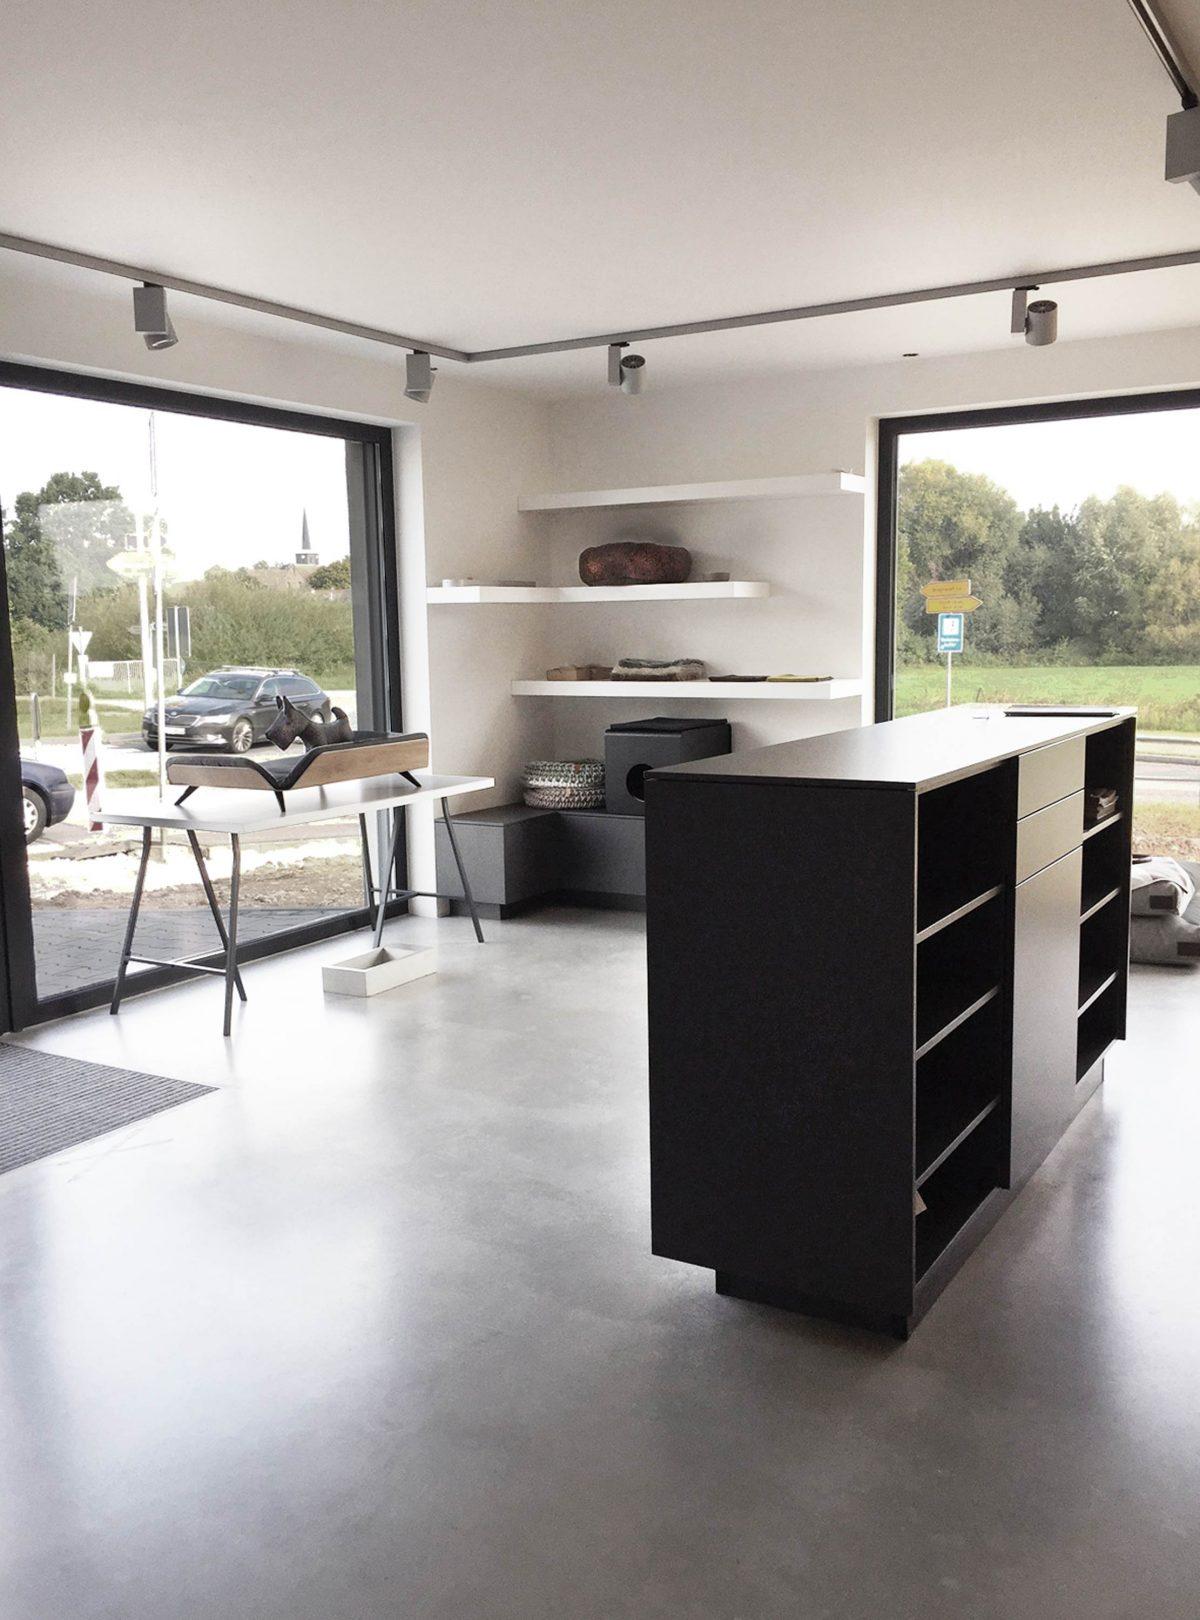 Showroom von Mia Cara gestaltet von Bermüller+Niemeyer Architekturwerkstatt.